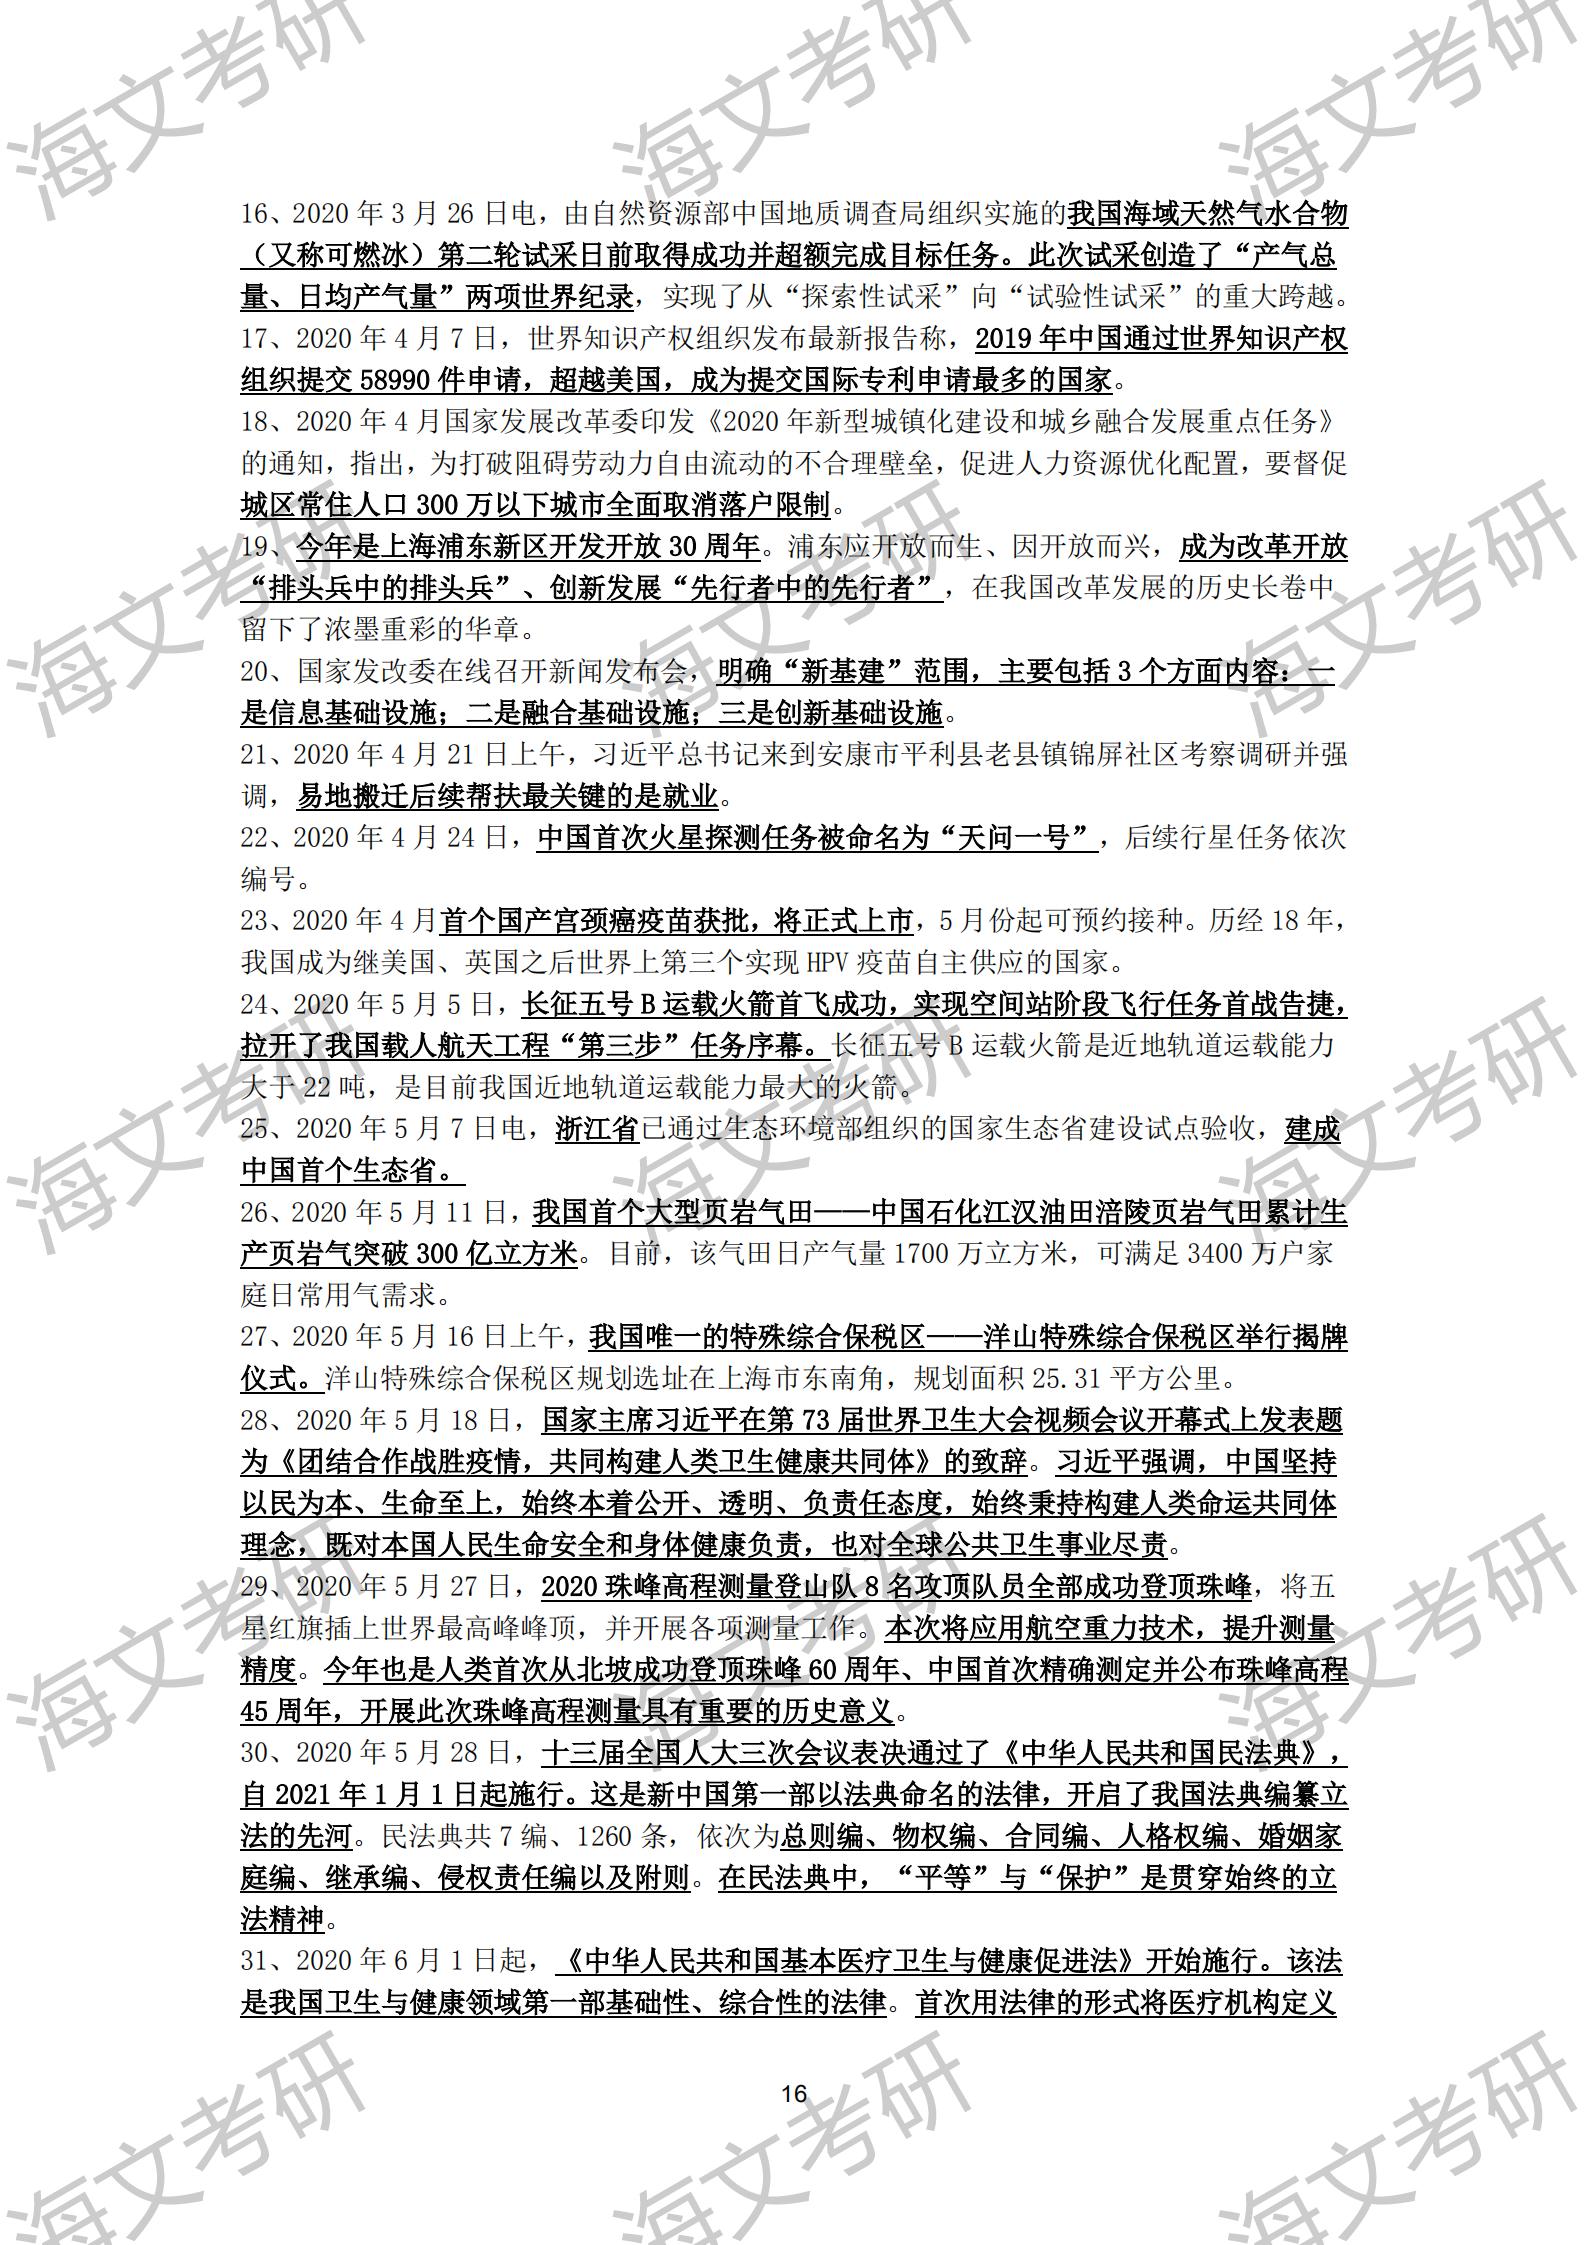 【考研政治】2021考研政治考前必背(用于冲刺全科)_15.png